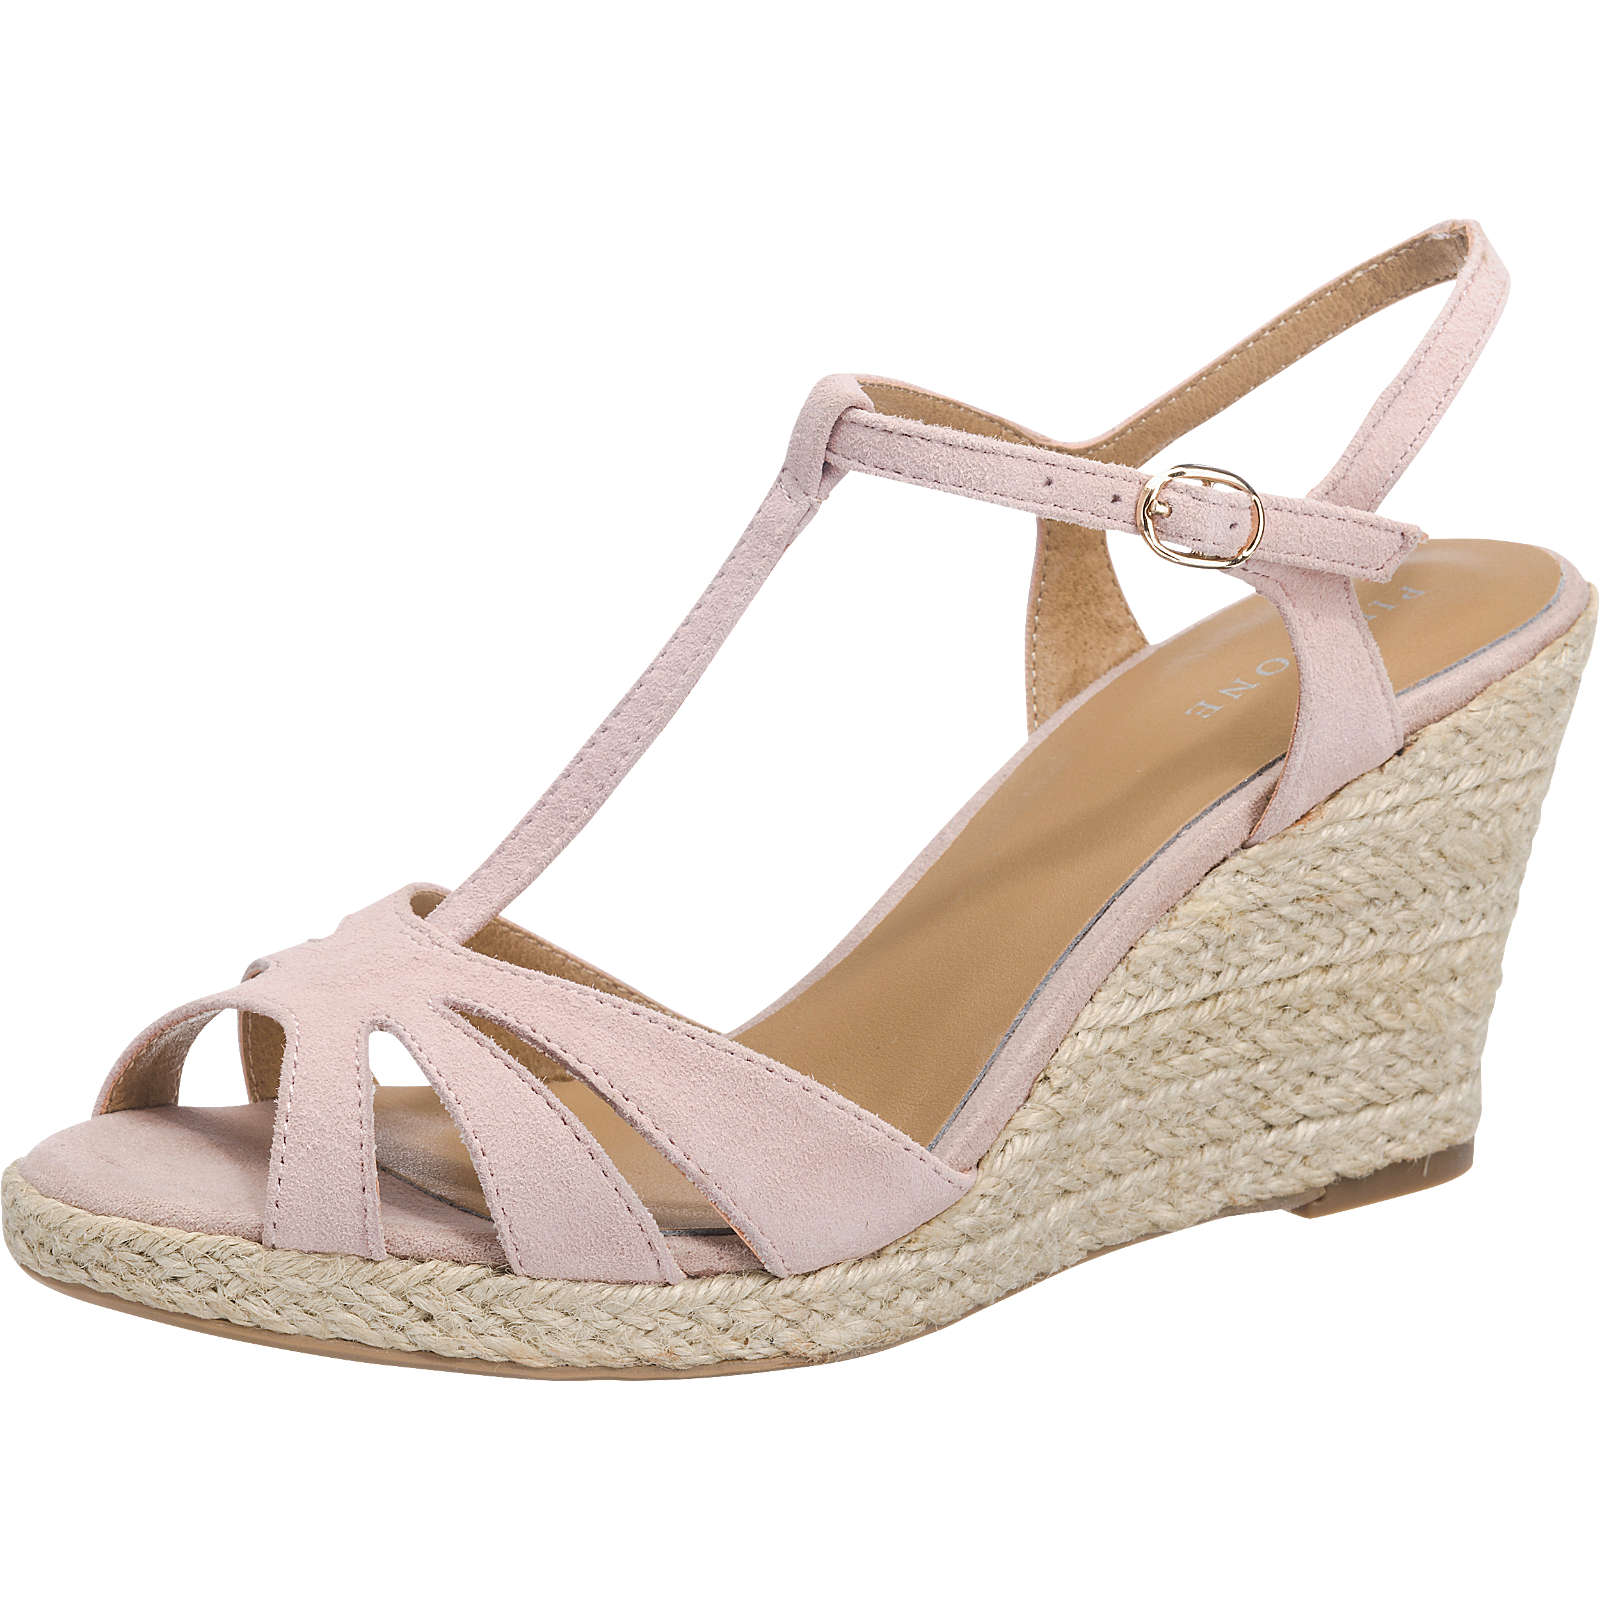 pier one sandaletten rosa g nstig schnell einkaufen. Black Bedroom Furniture Sets. Home Design Ideas